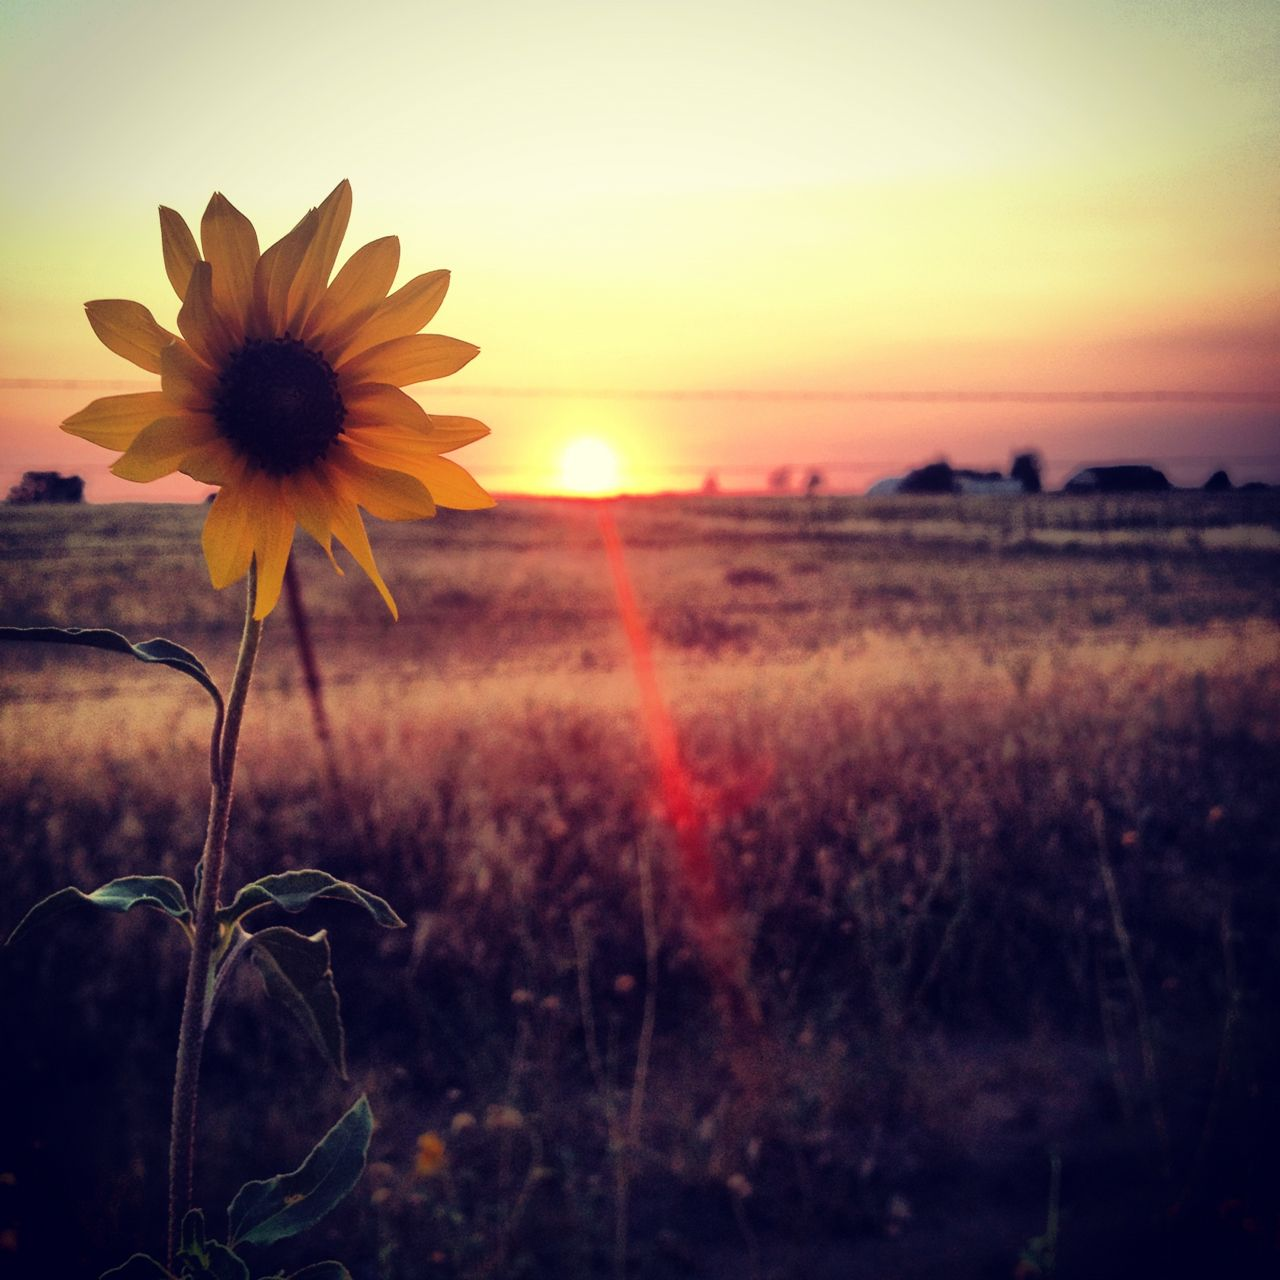 Girassóis Do Sol Tumblr Girassol Sunset Country Sunflowers Por